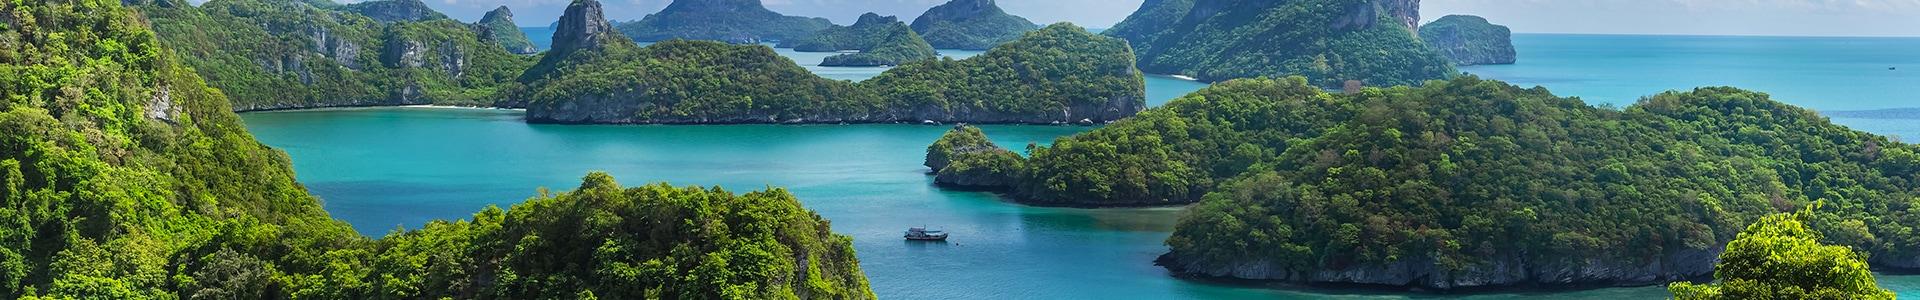 Quelle île de Thaïlande choisir